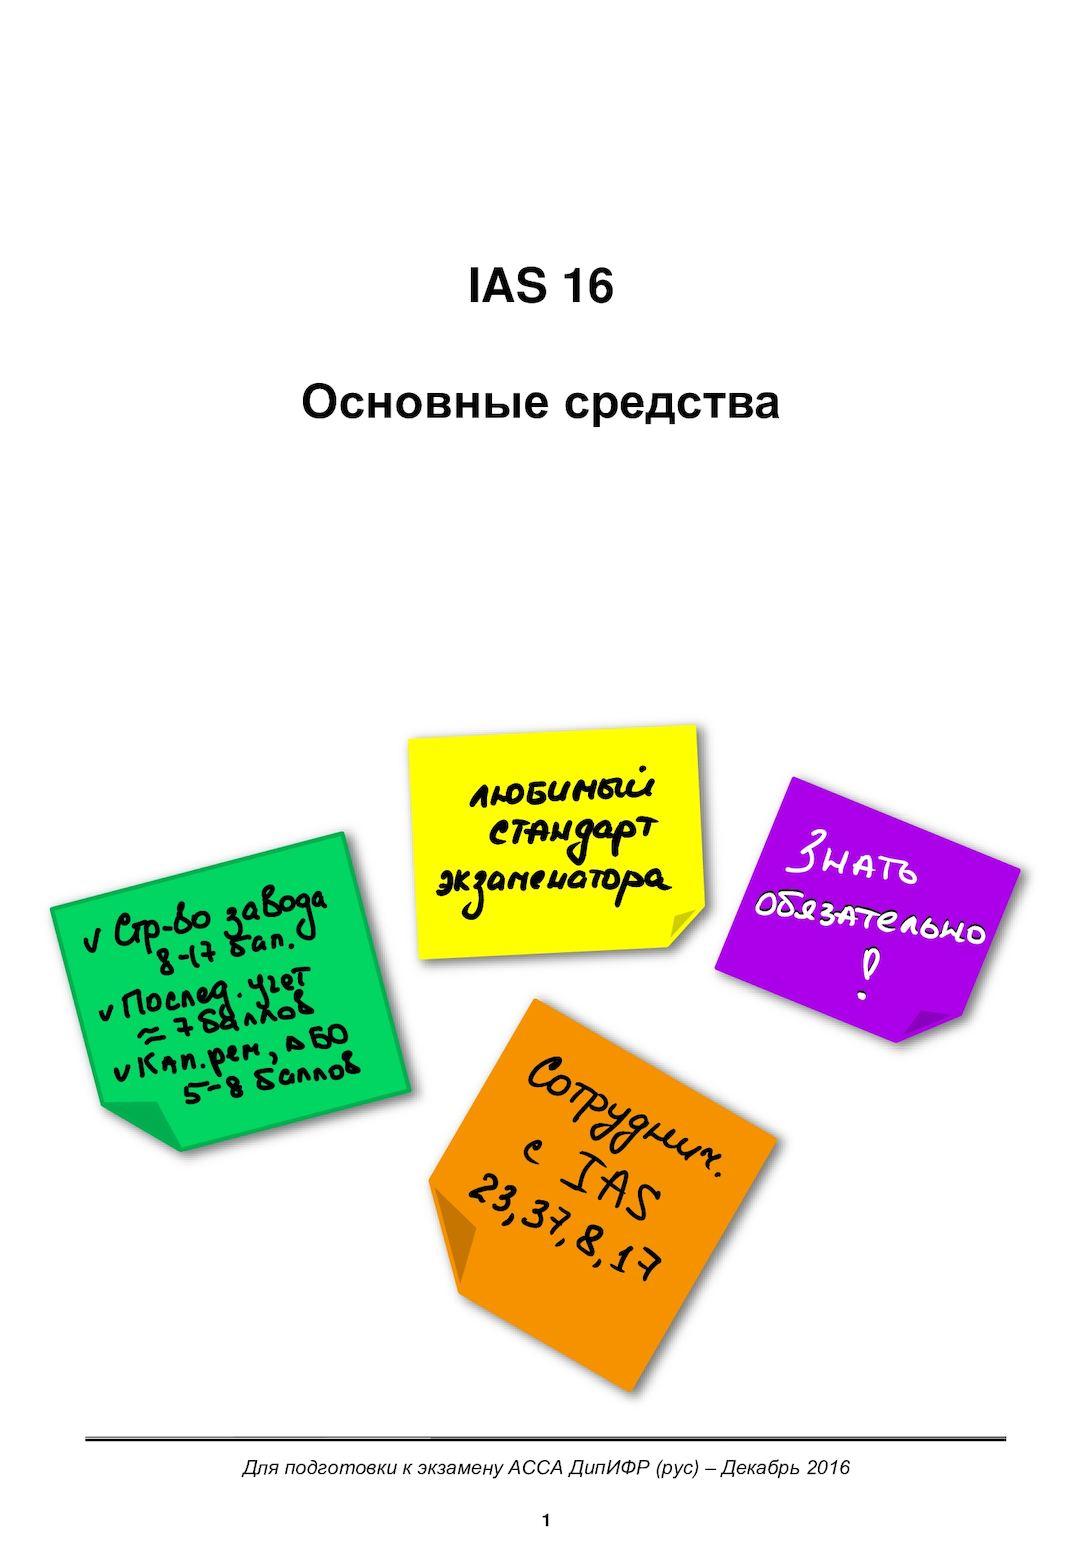 Эталон-ремонт: Ремонт квартиры в Казани и